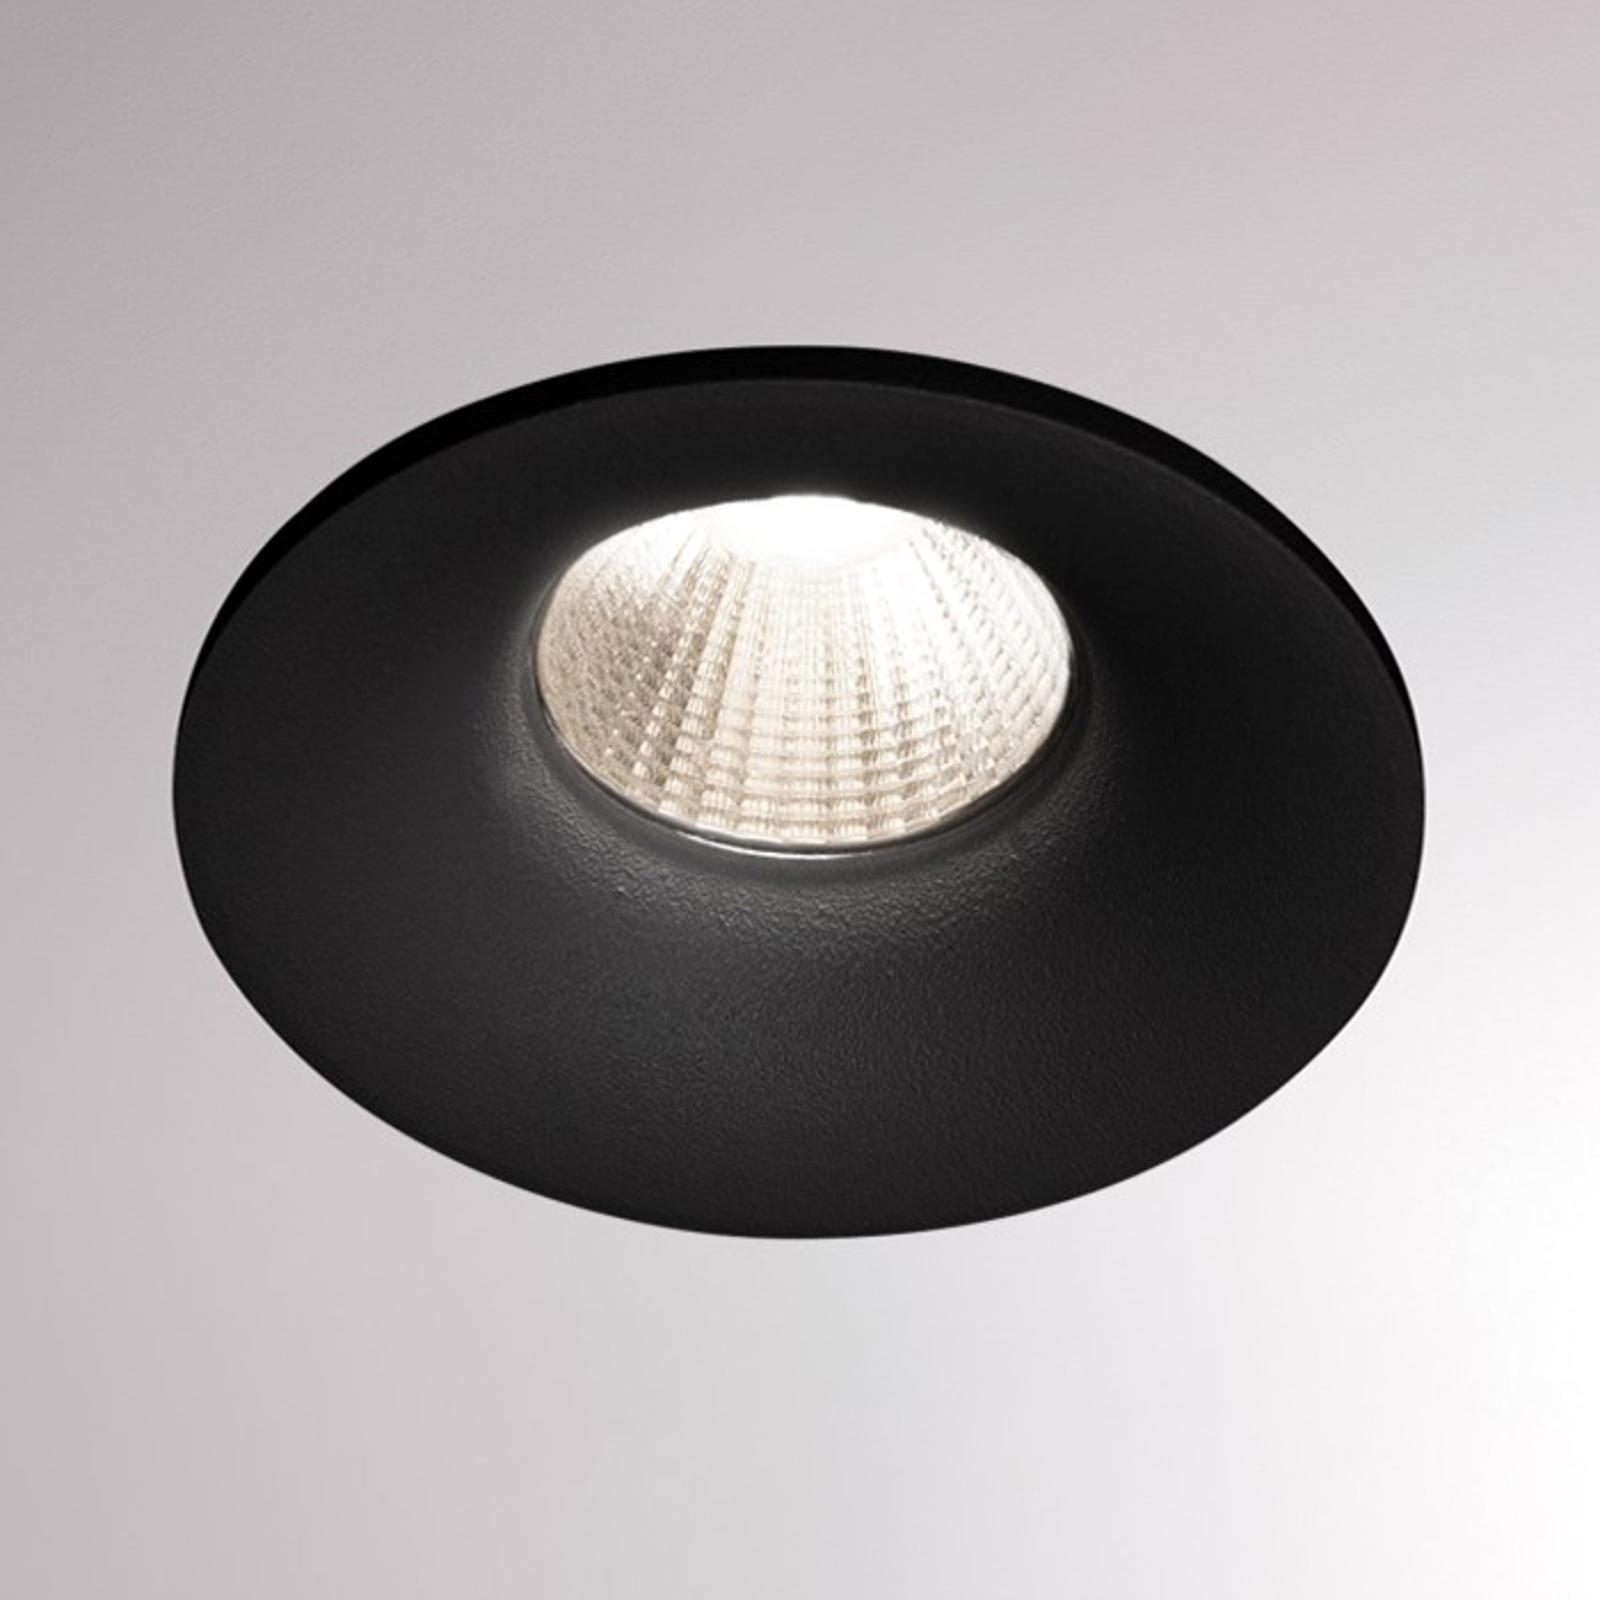 LED-Einbaustrahler Ivy Round 7W 3.000K 40° schwarz